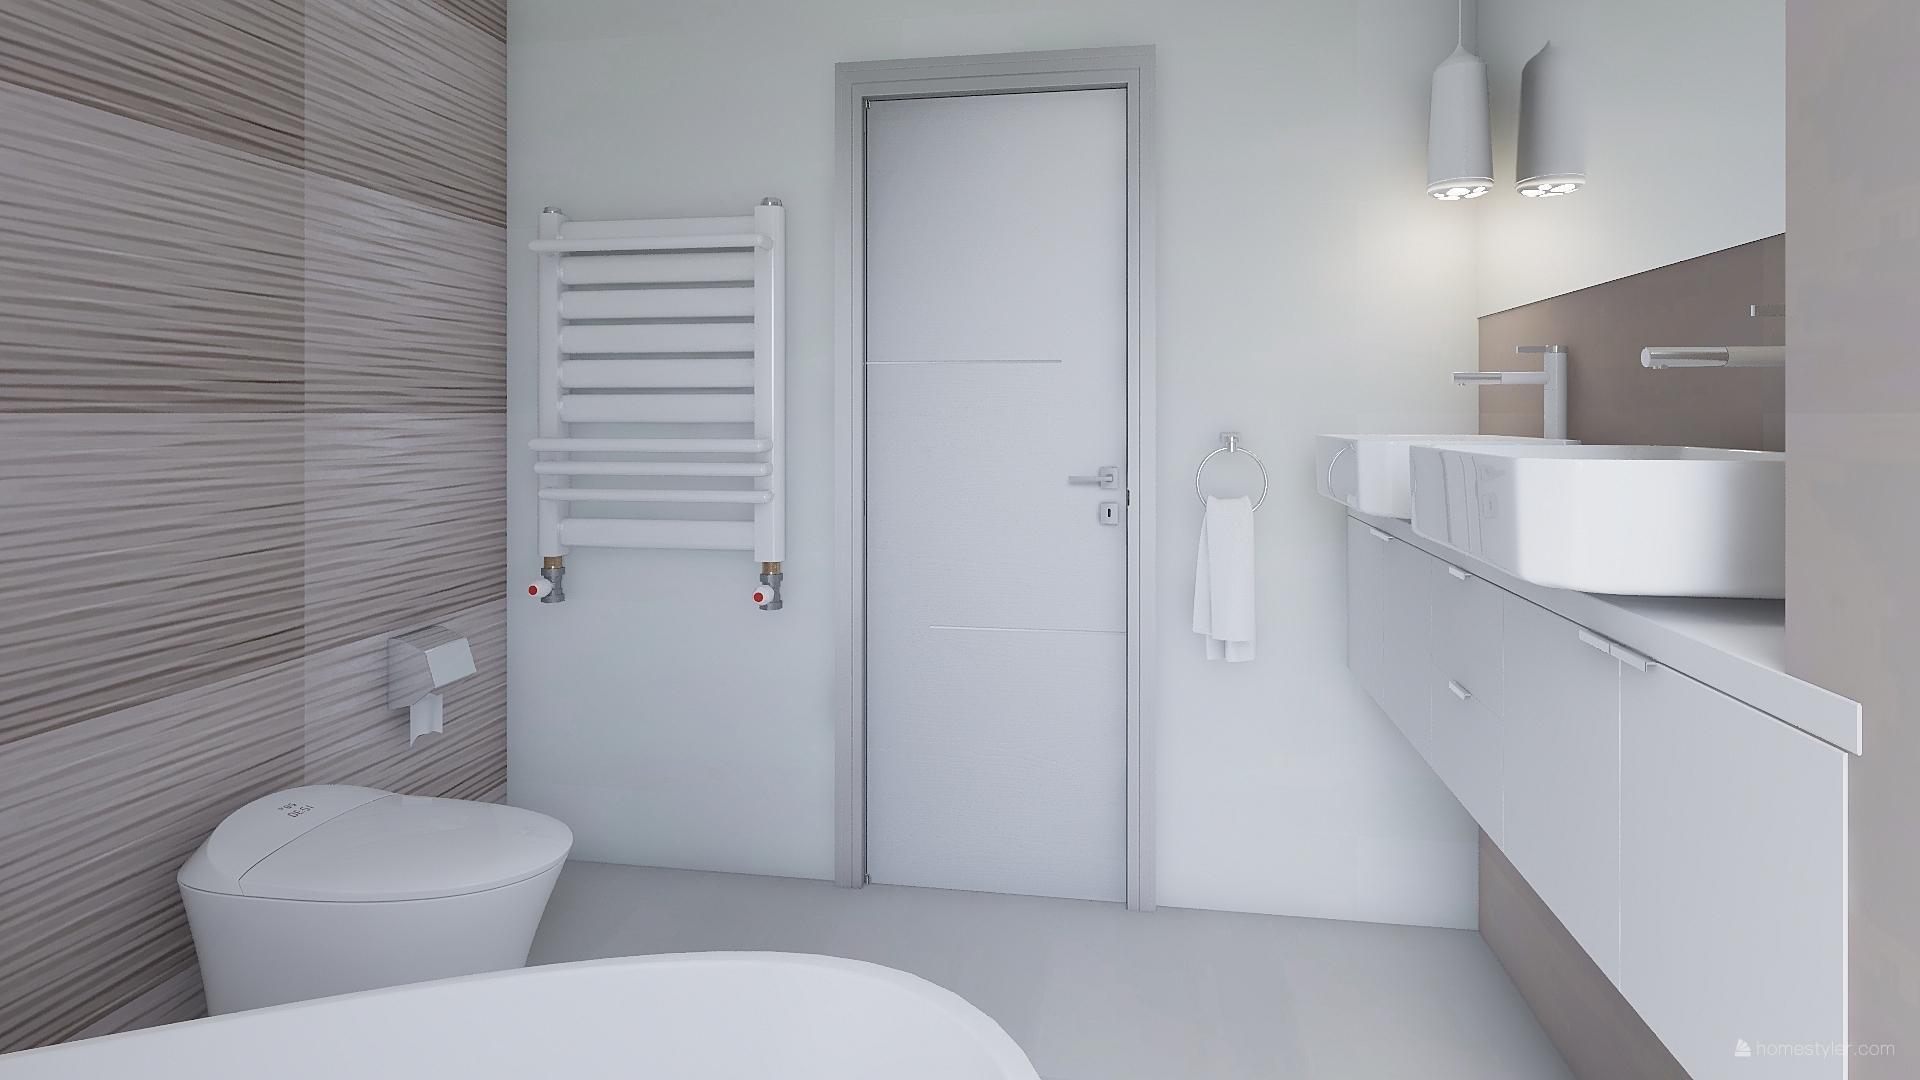 Mé dokonale nedokonalé vizualizace našeho budoucího domu - Dětská koupelna - ten žebříček v Homestyleru lepší nebyl :-)